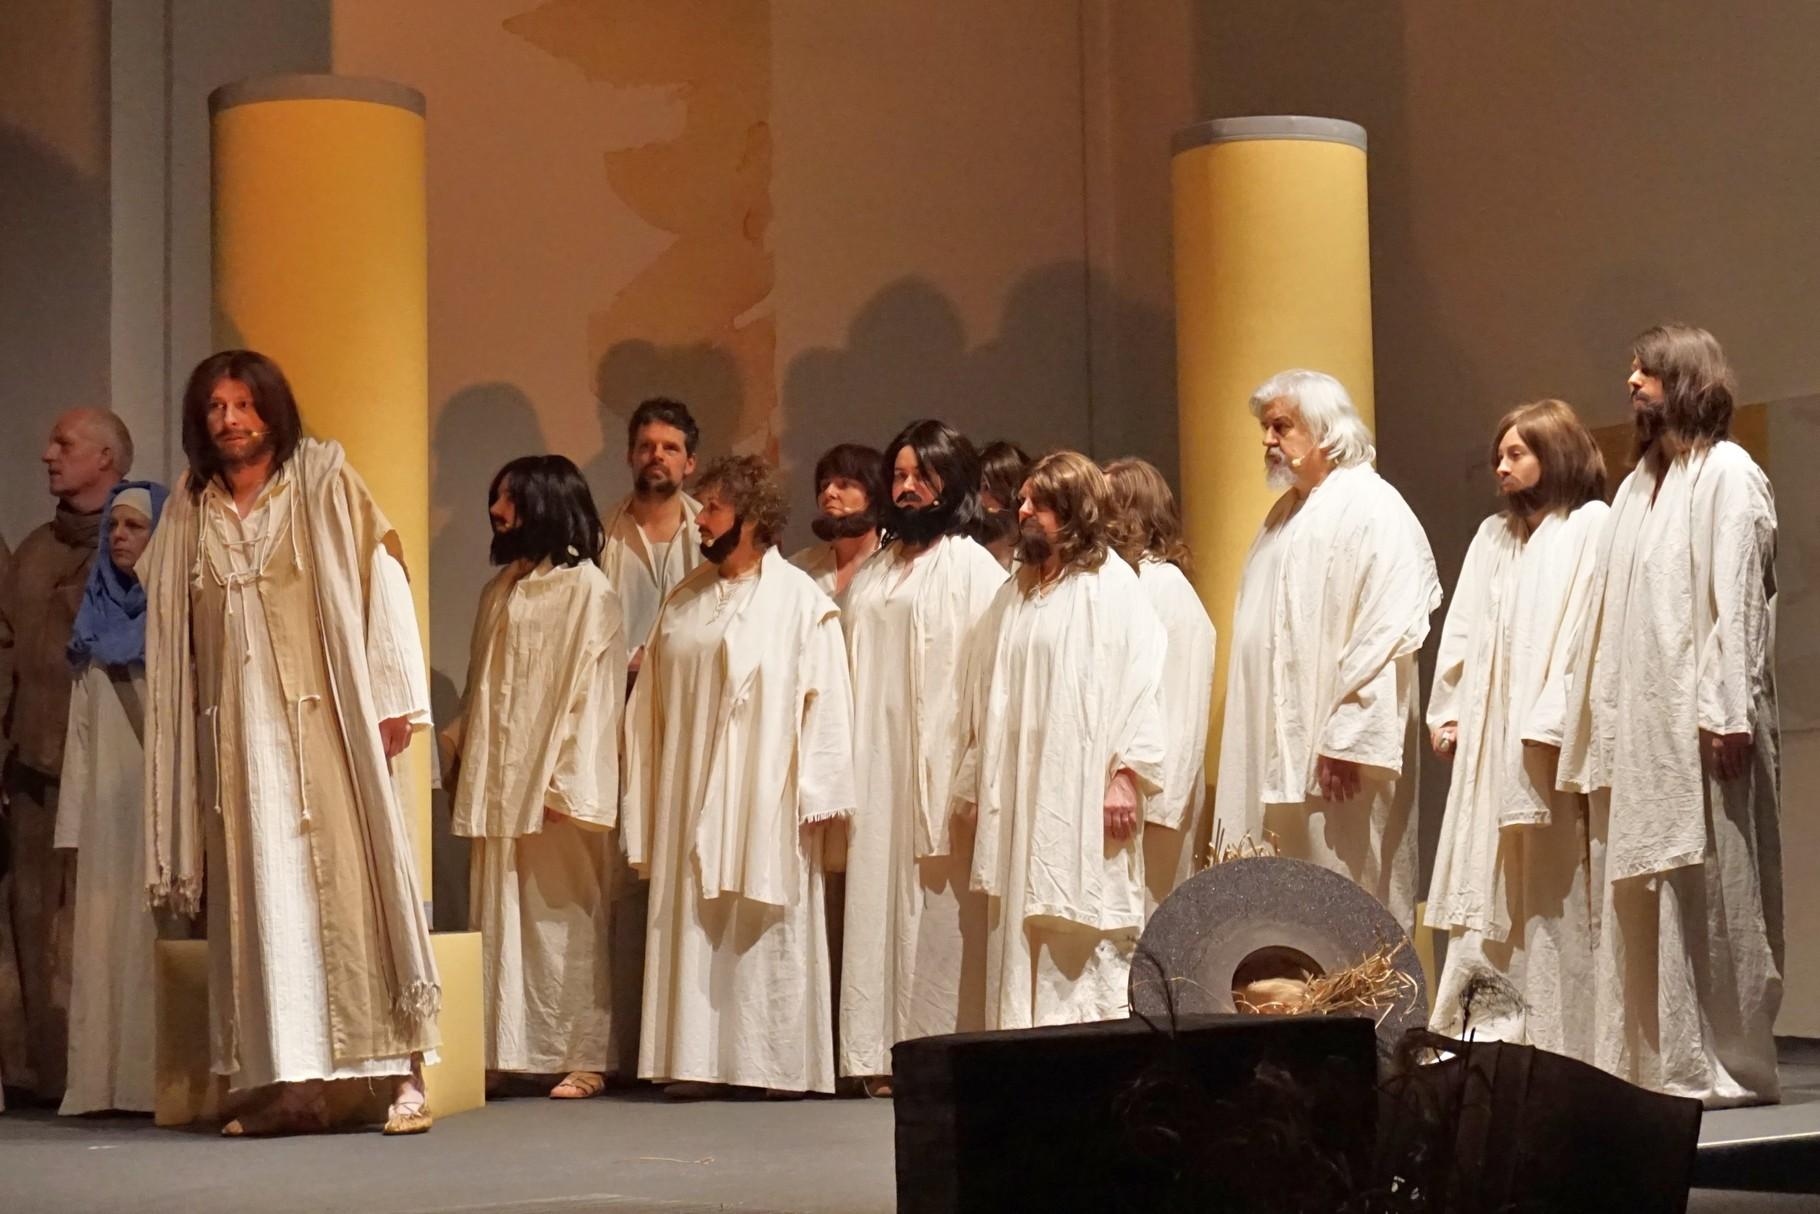 Jesus mit seinen Jüngern im Tempel